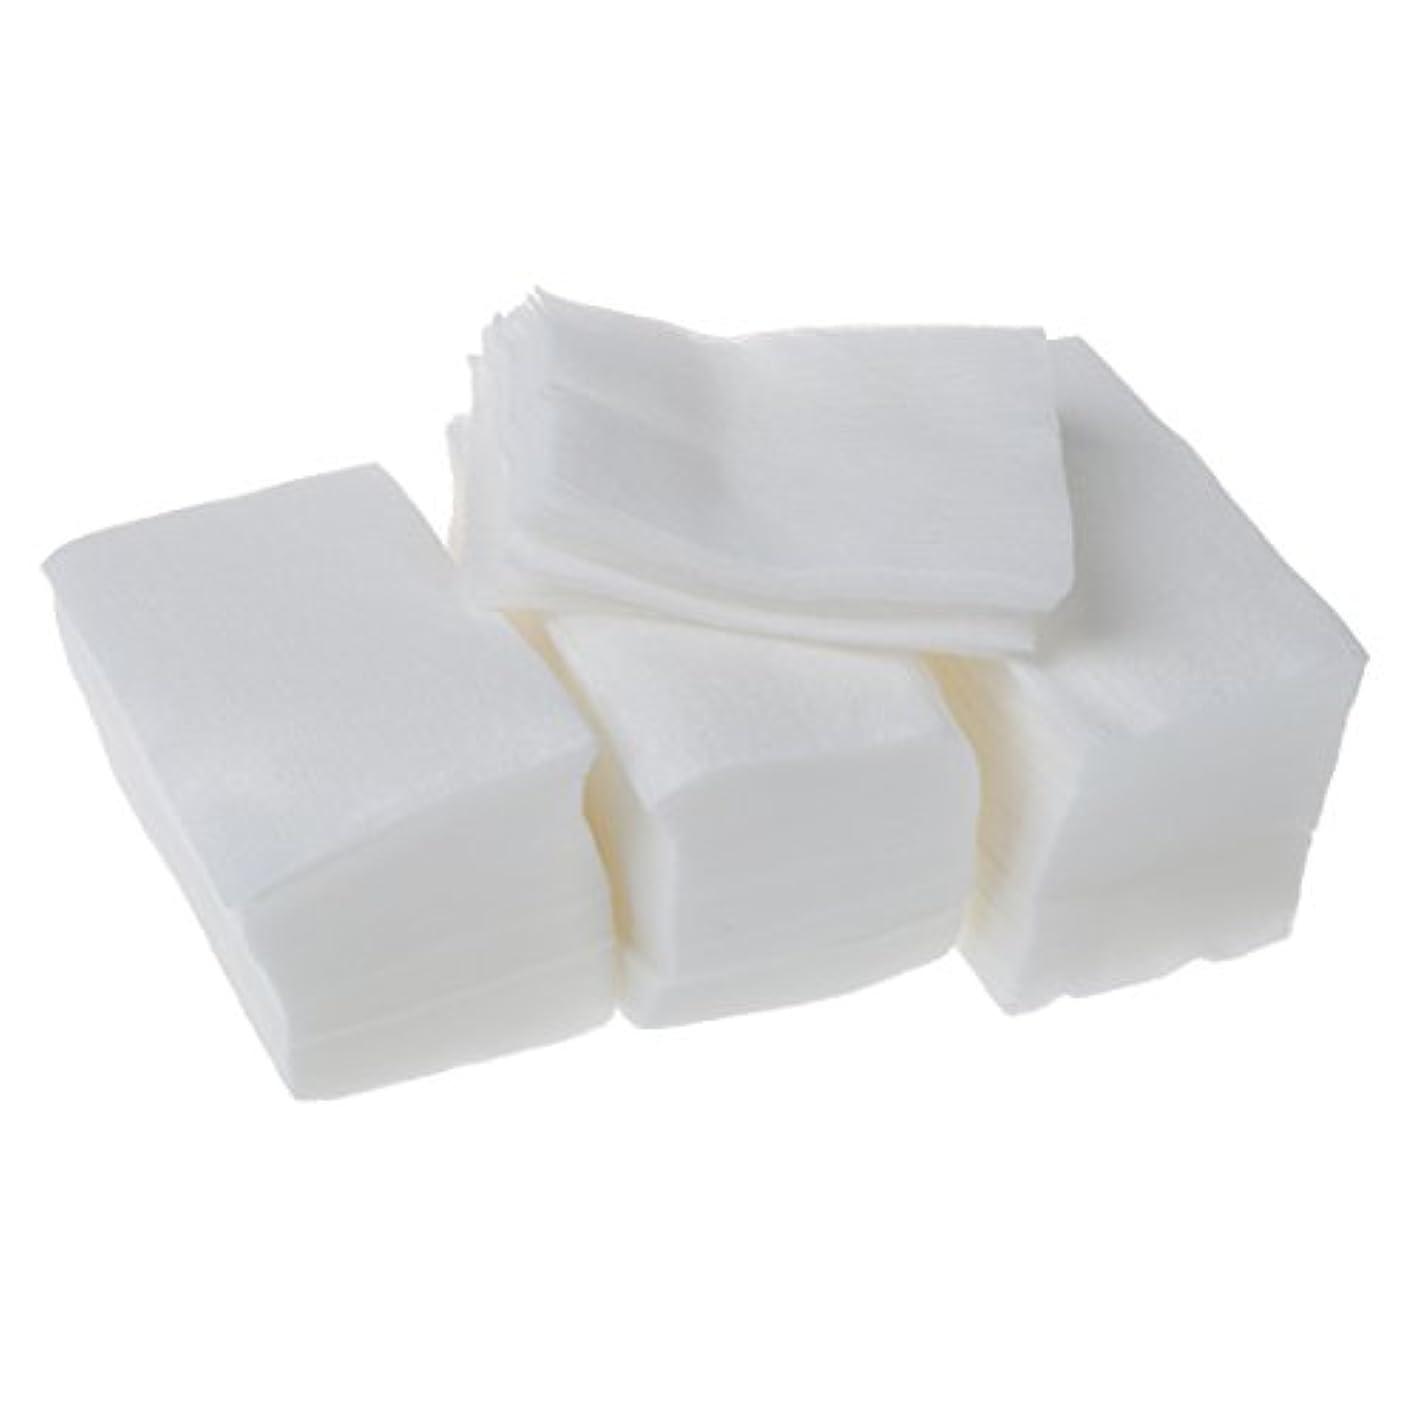 差別する消化レイアウトAFBEST 320個 レディ ホワイト ネイルポリッシュリムーバ 長方形フェイスクリーニング コットンパッド